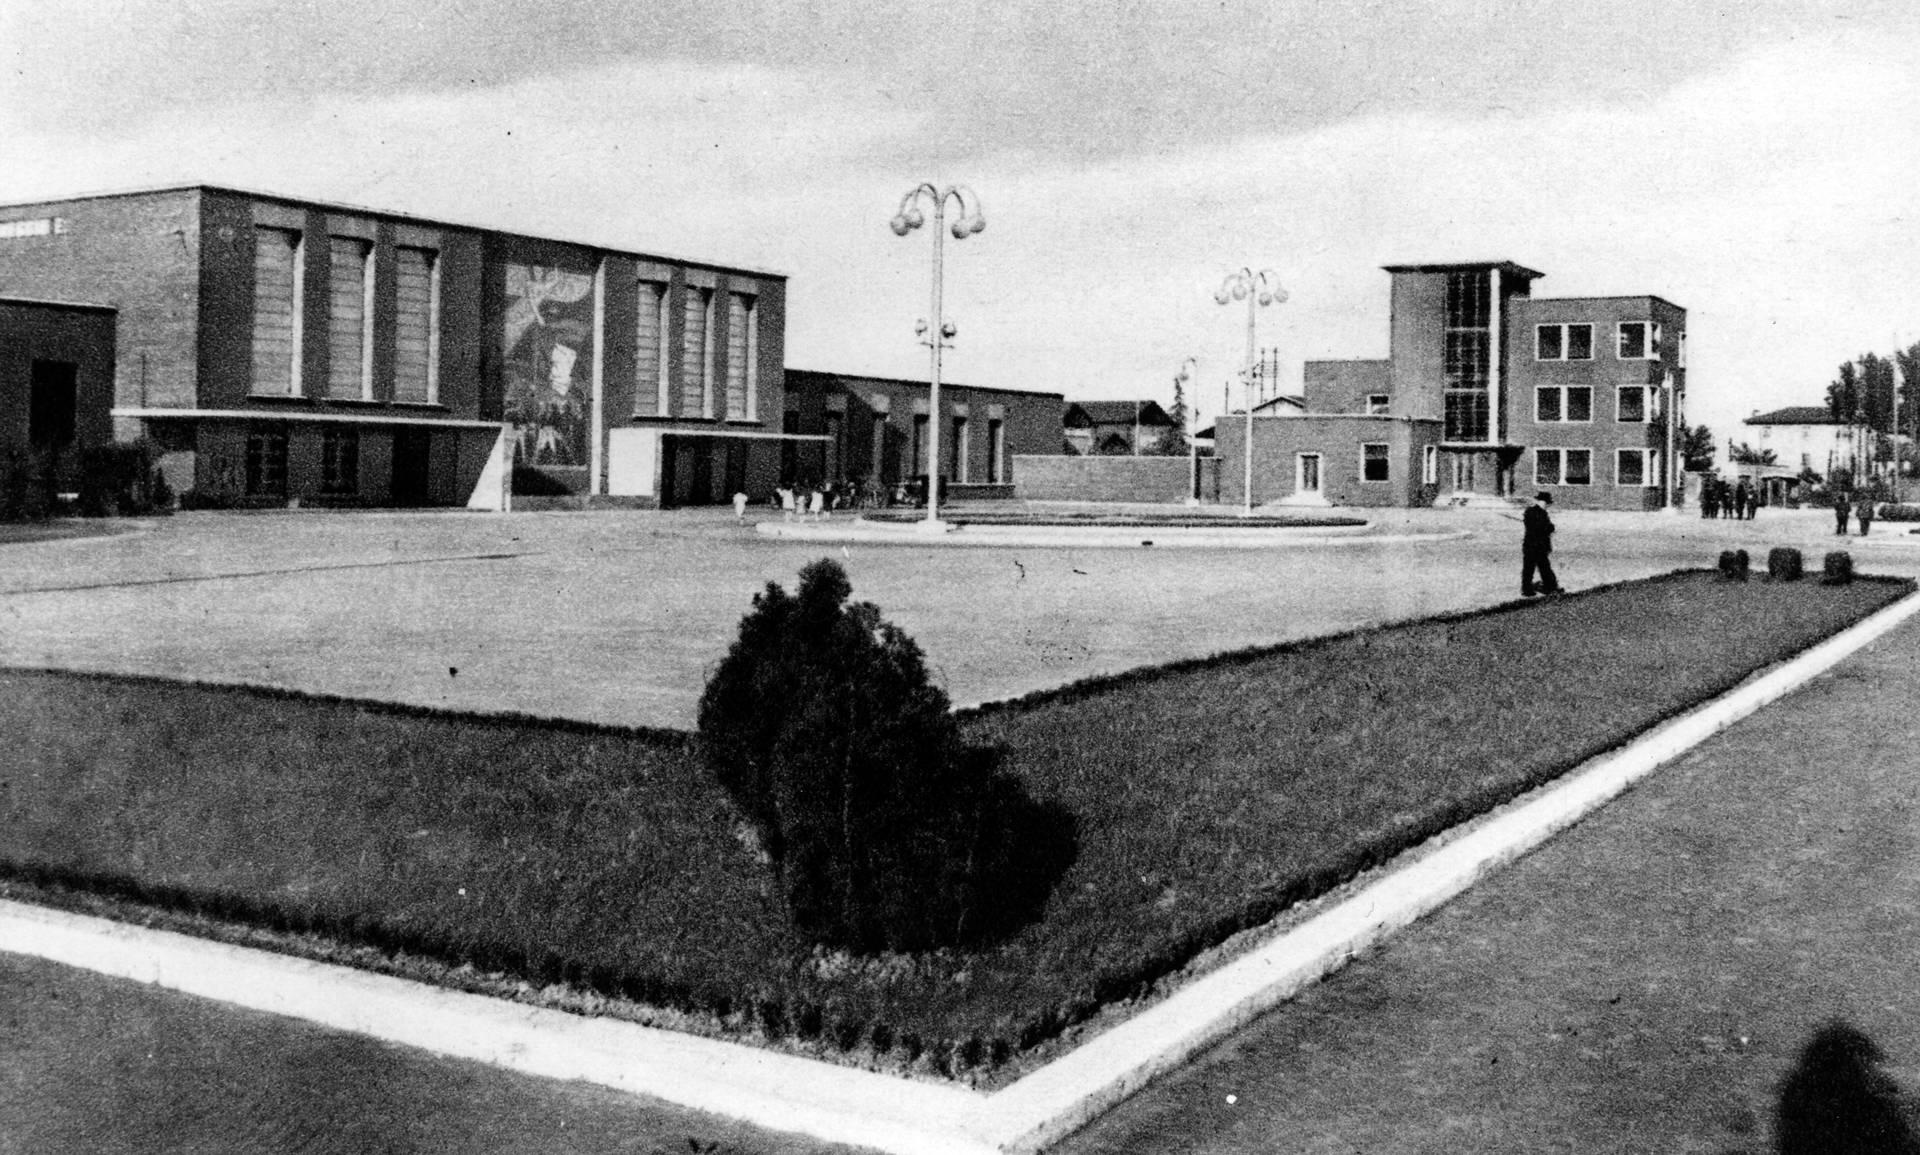 piazzale stazione ferroviaria di Reggio E. - Archivio storico